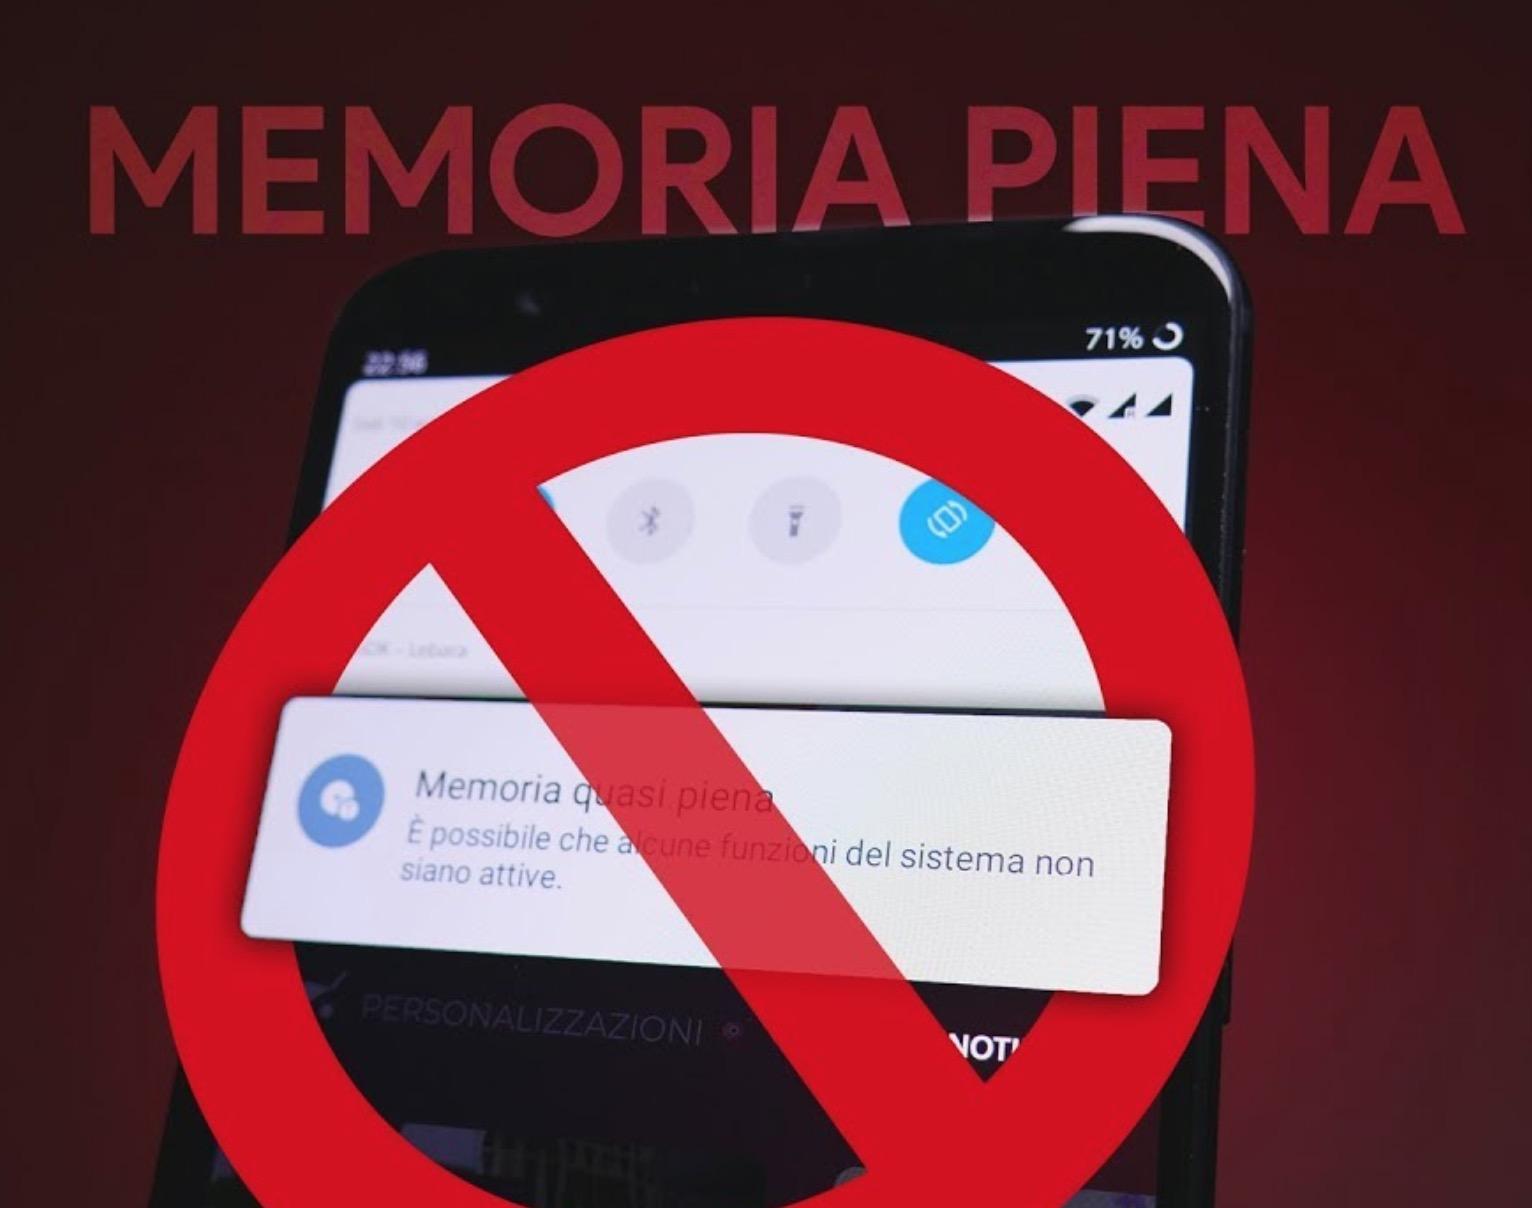 Memoria piena Android